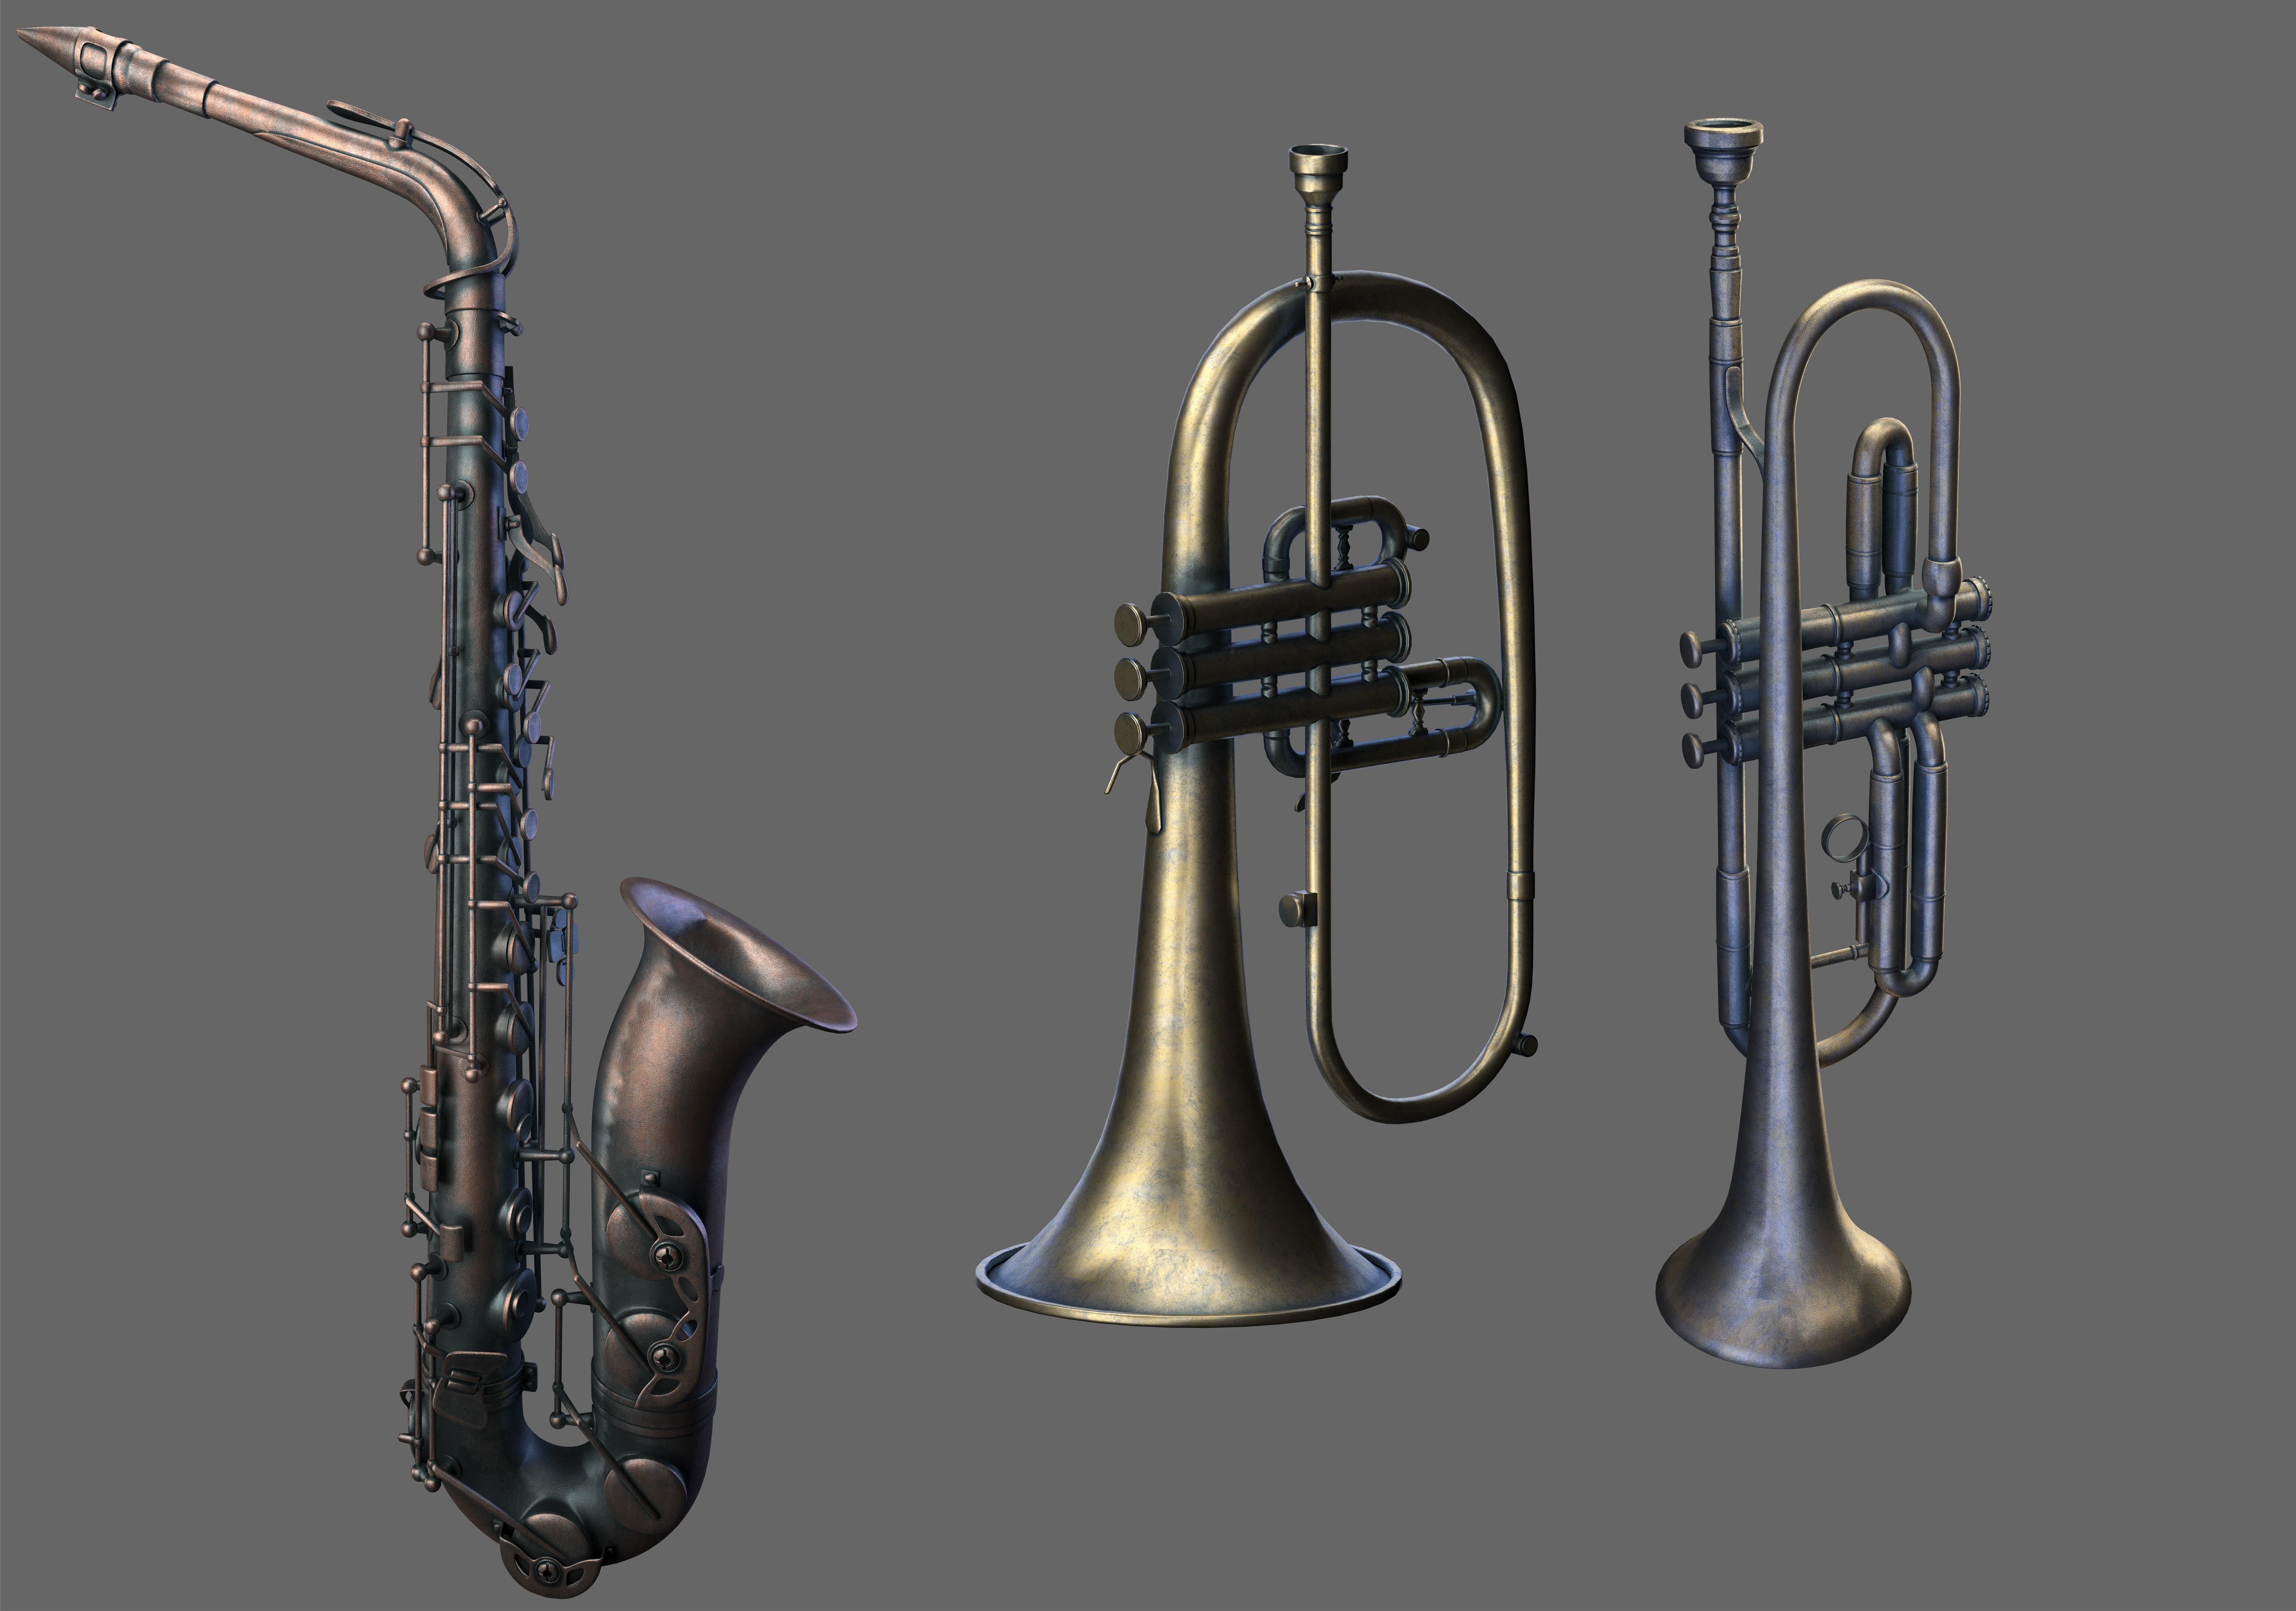 Wind Instruments 3  saxophone  three wind instruments